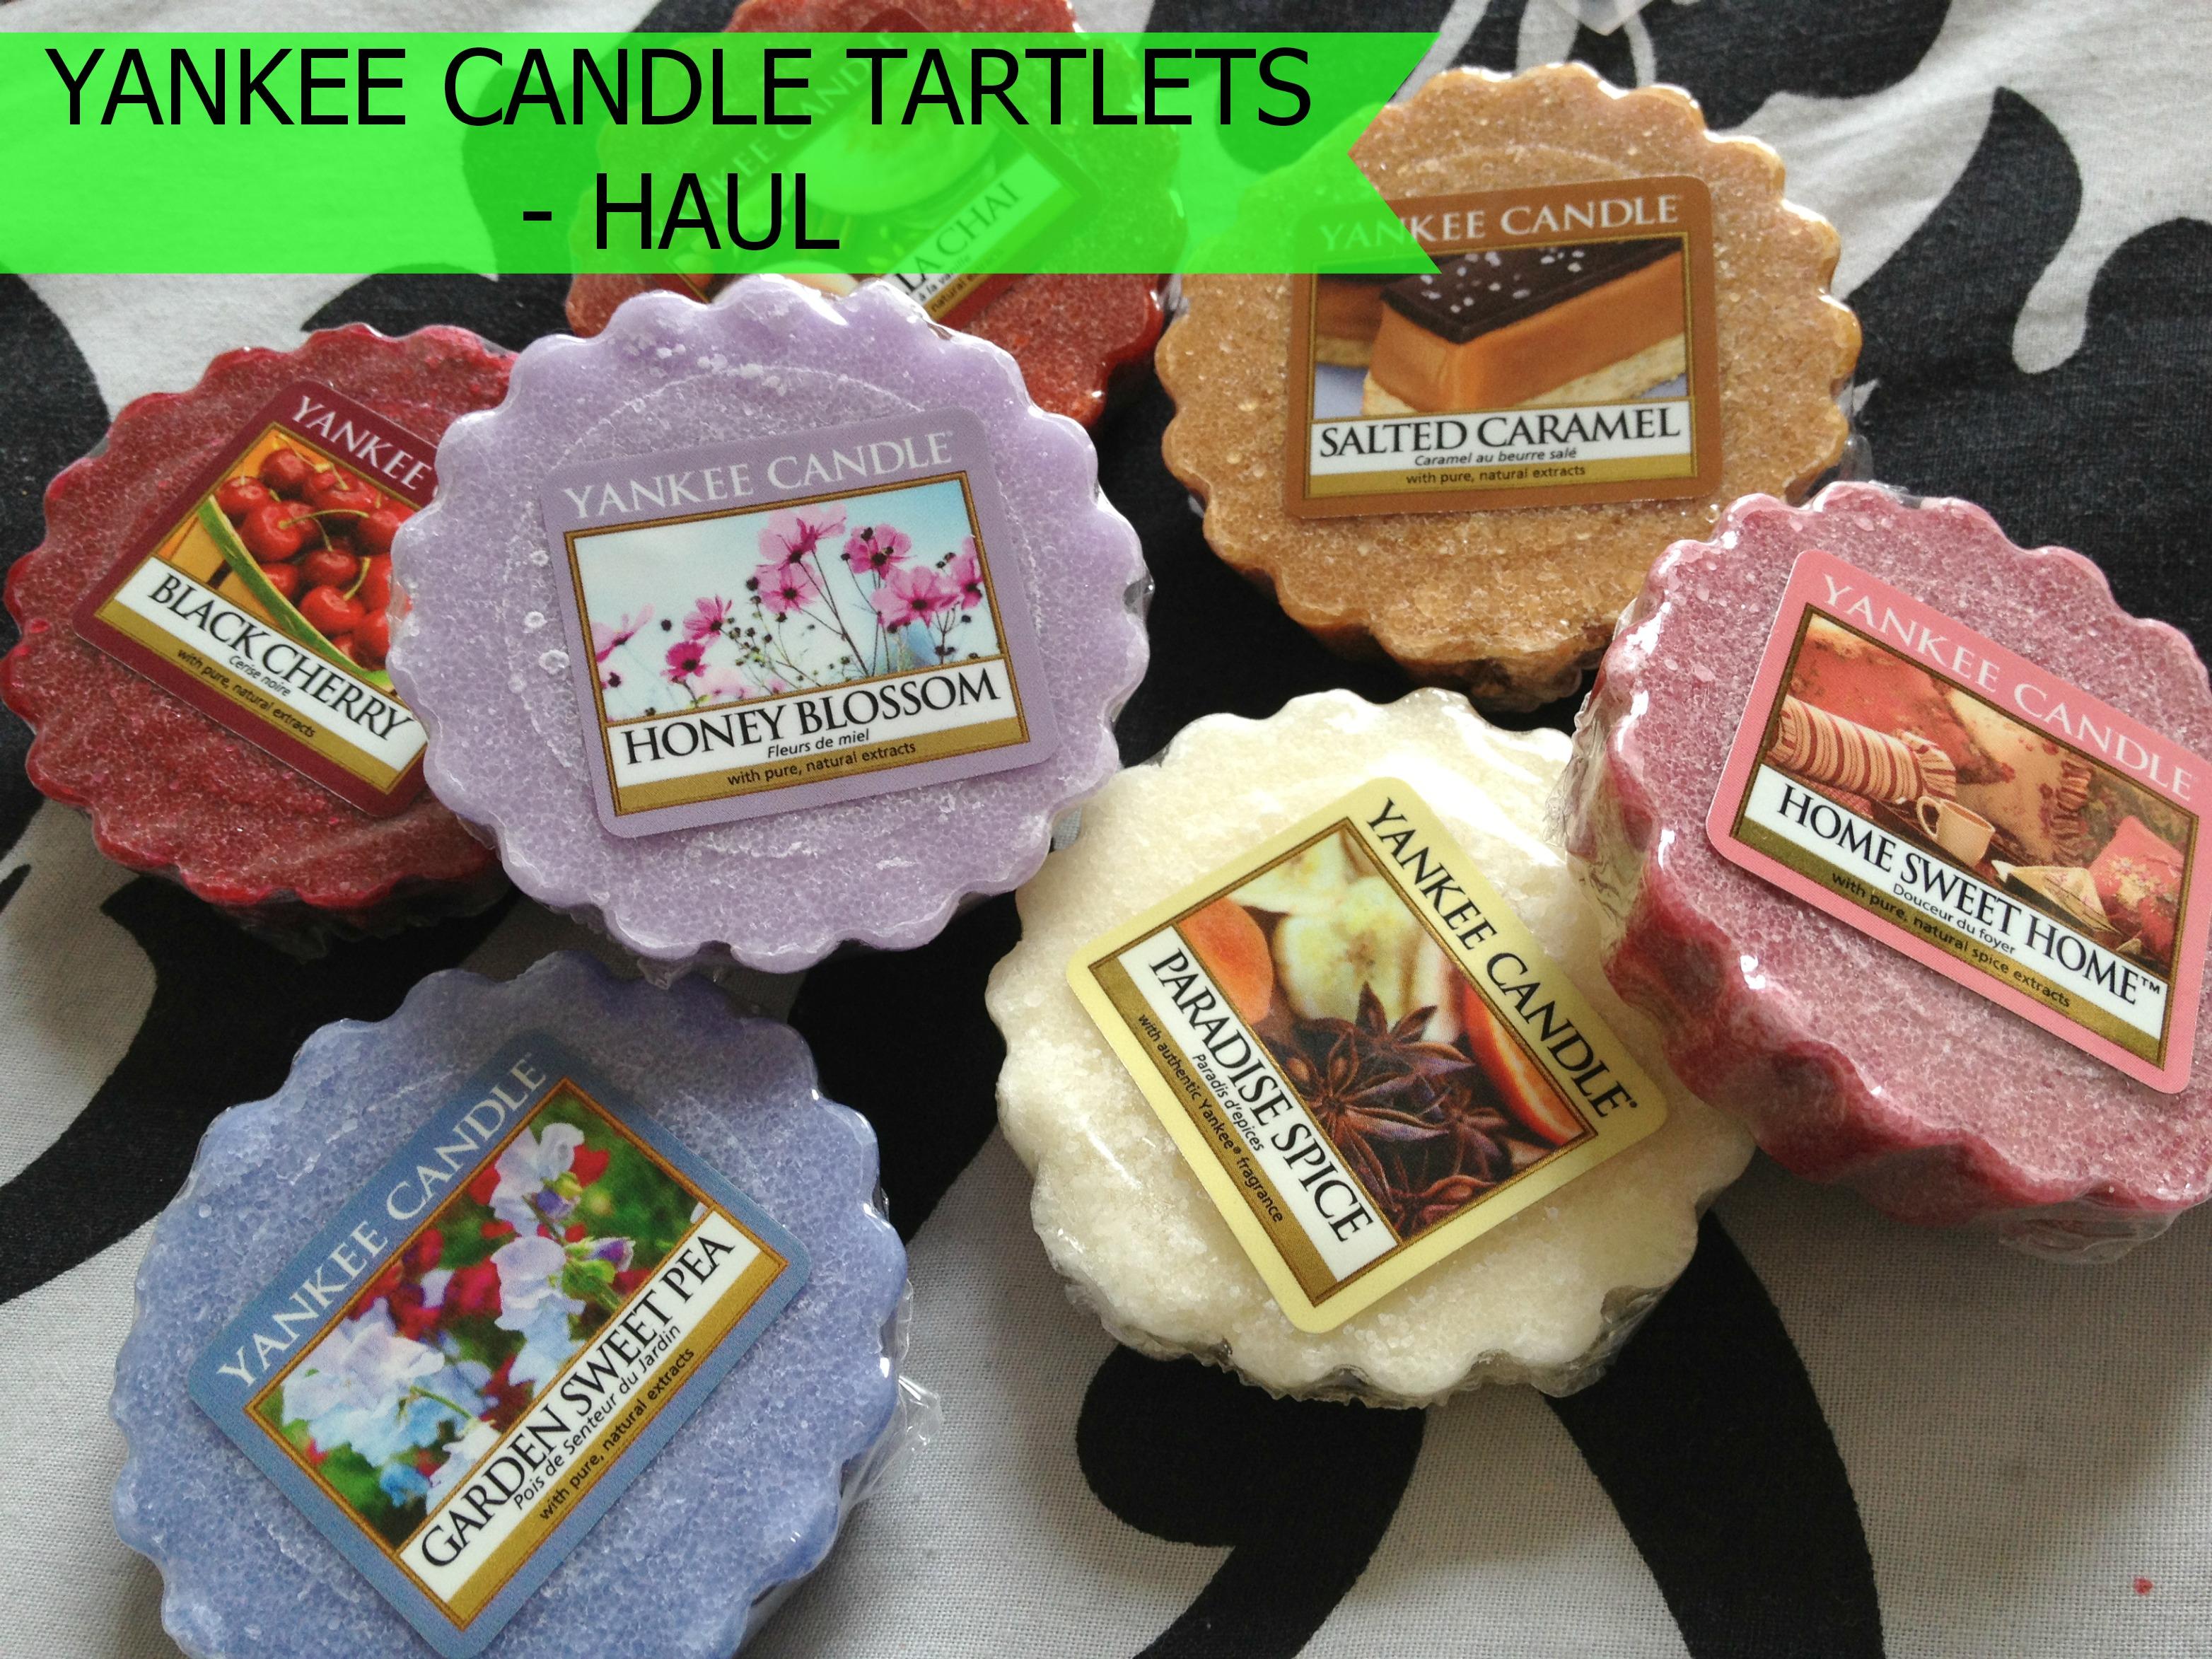 Yankee_Candle_Tarts_Haul_1